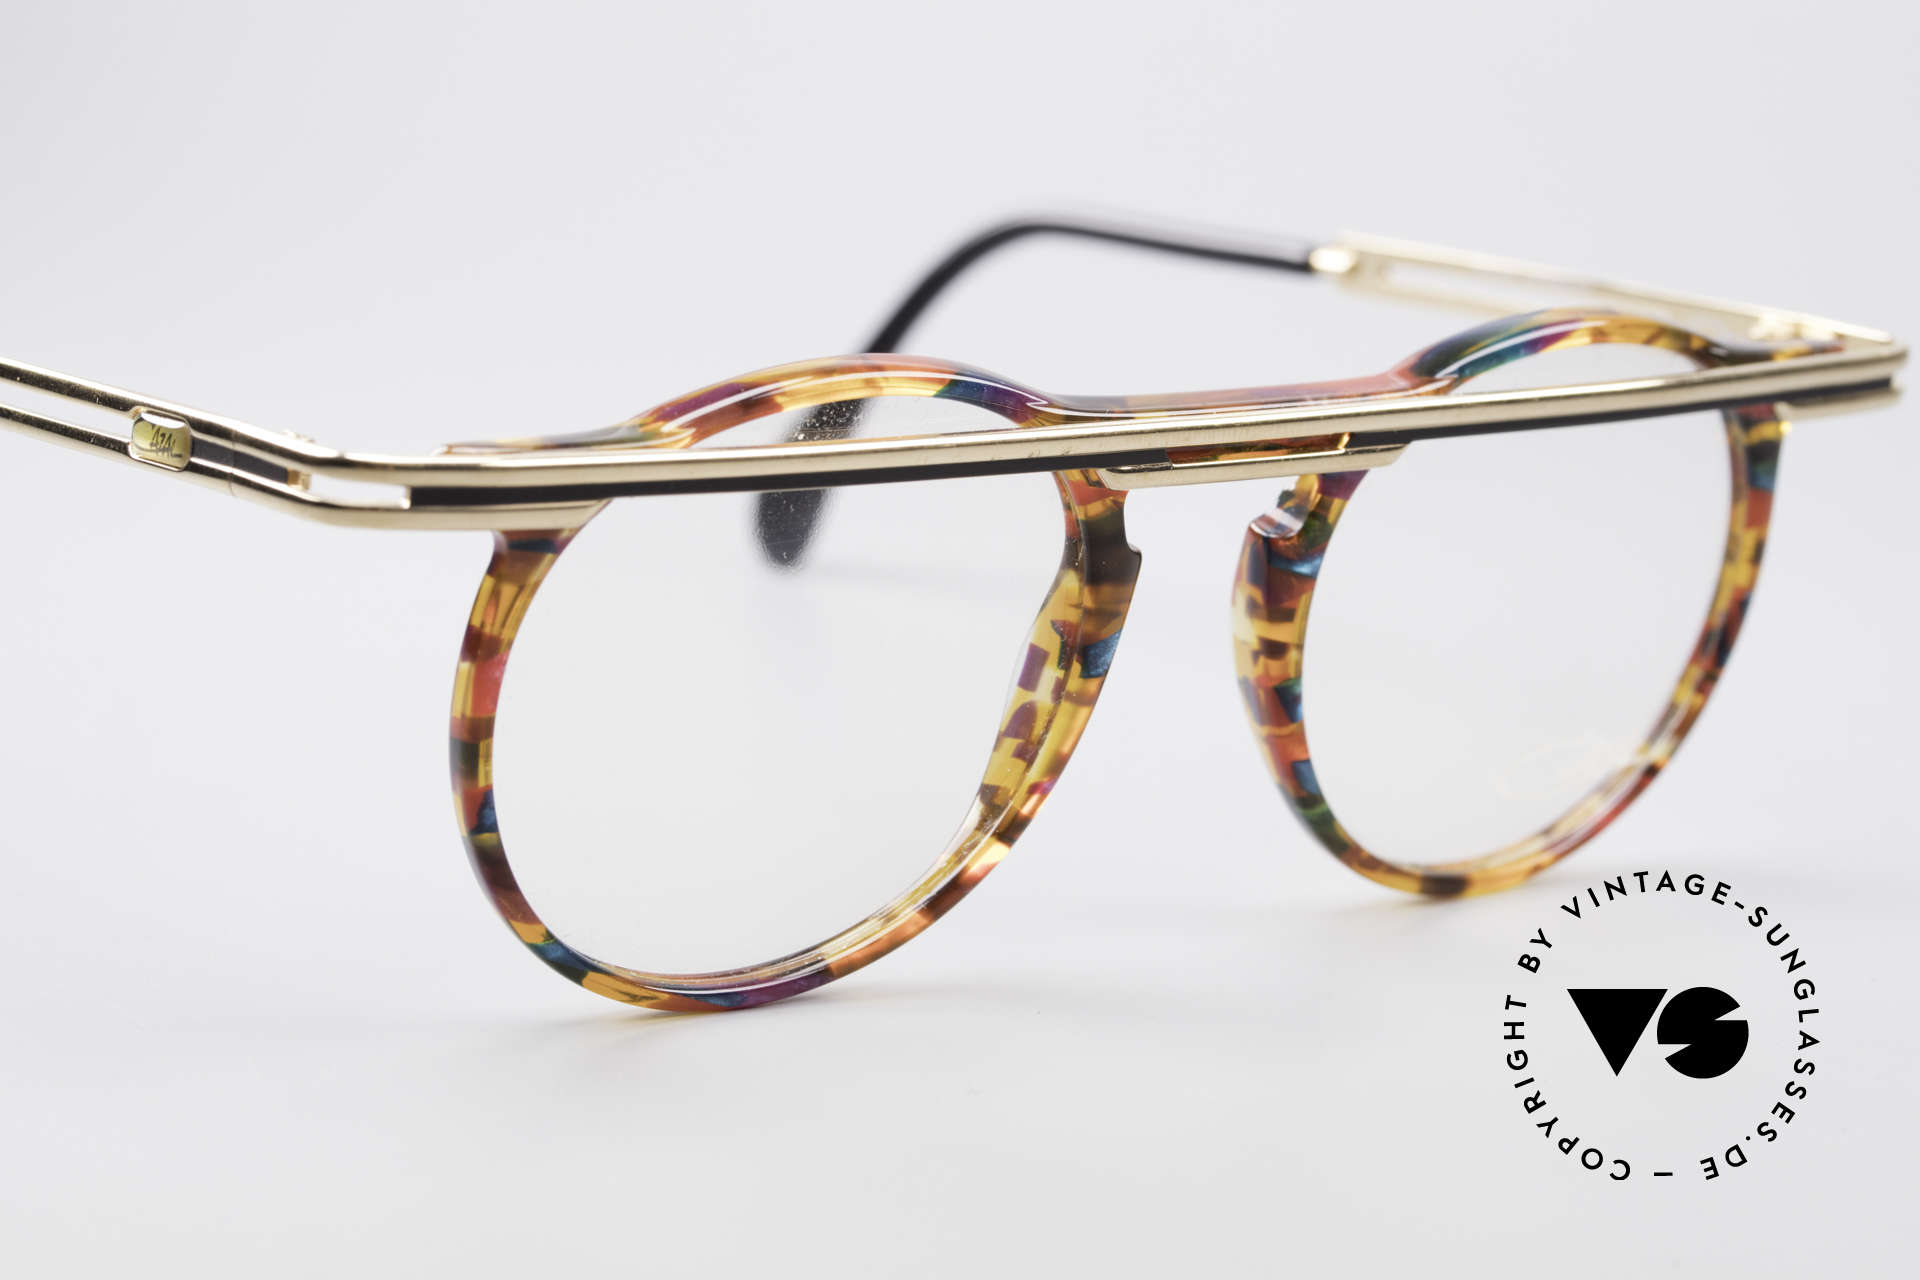 Cazal 648 Original Cari Zalloni Brille, ungetragen (wie alle unsere vintage Cazal Brillen), Passend für Herren und Damen